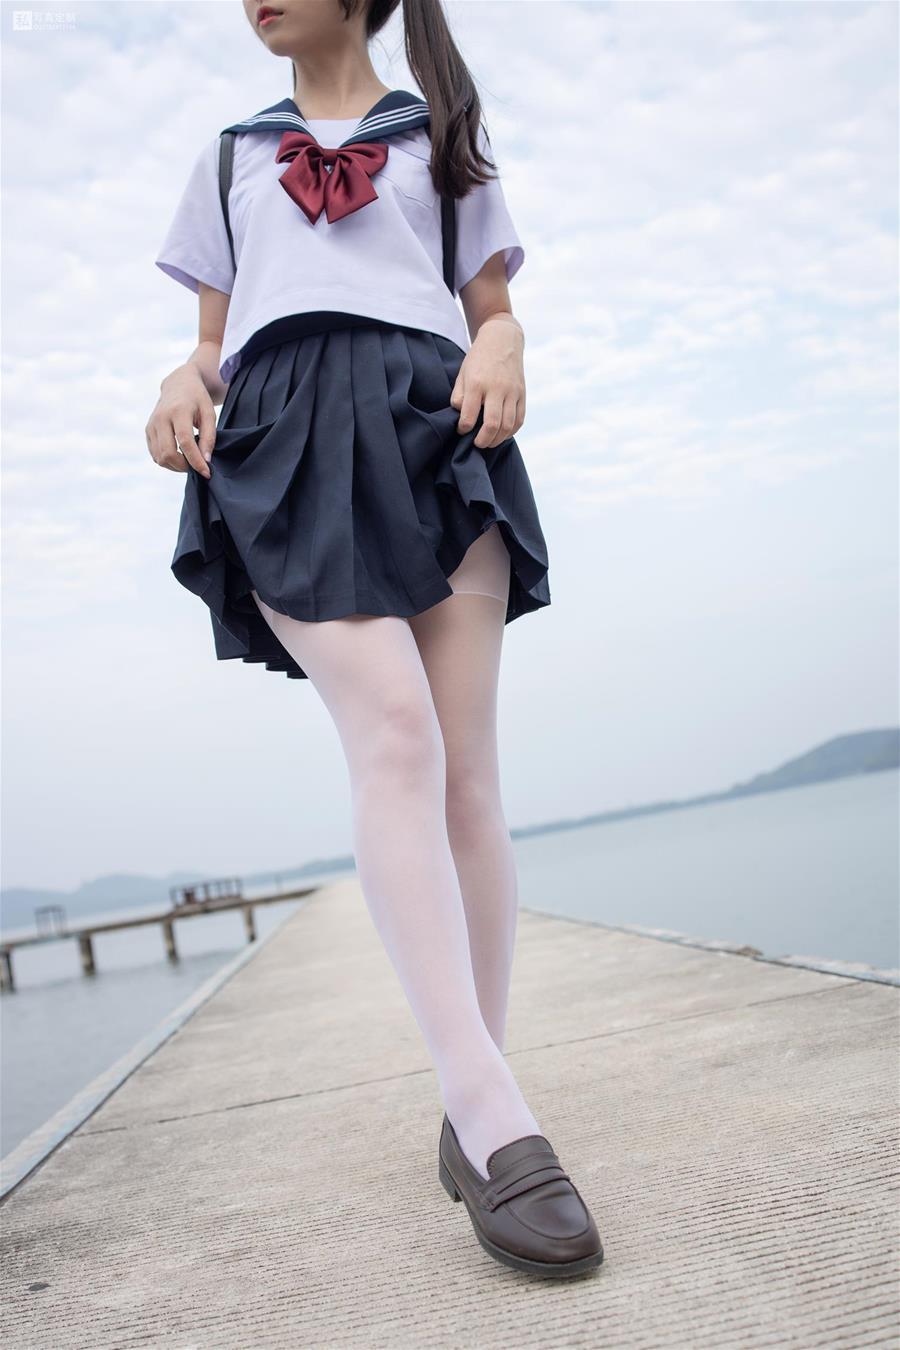 森萝财团 JKFUN-028 默陌 15D白丝 抑郁湖边与绝望天台 [58P1V-1.75GB] 森萝财团-第3张